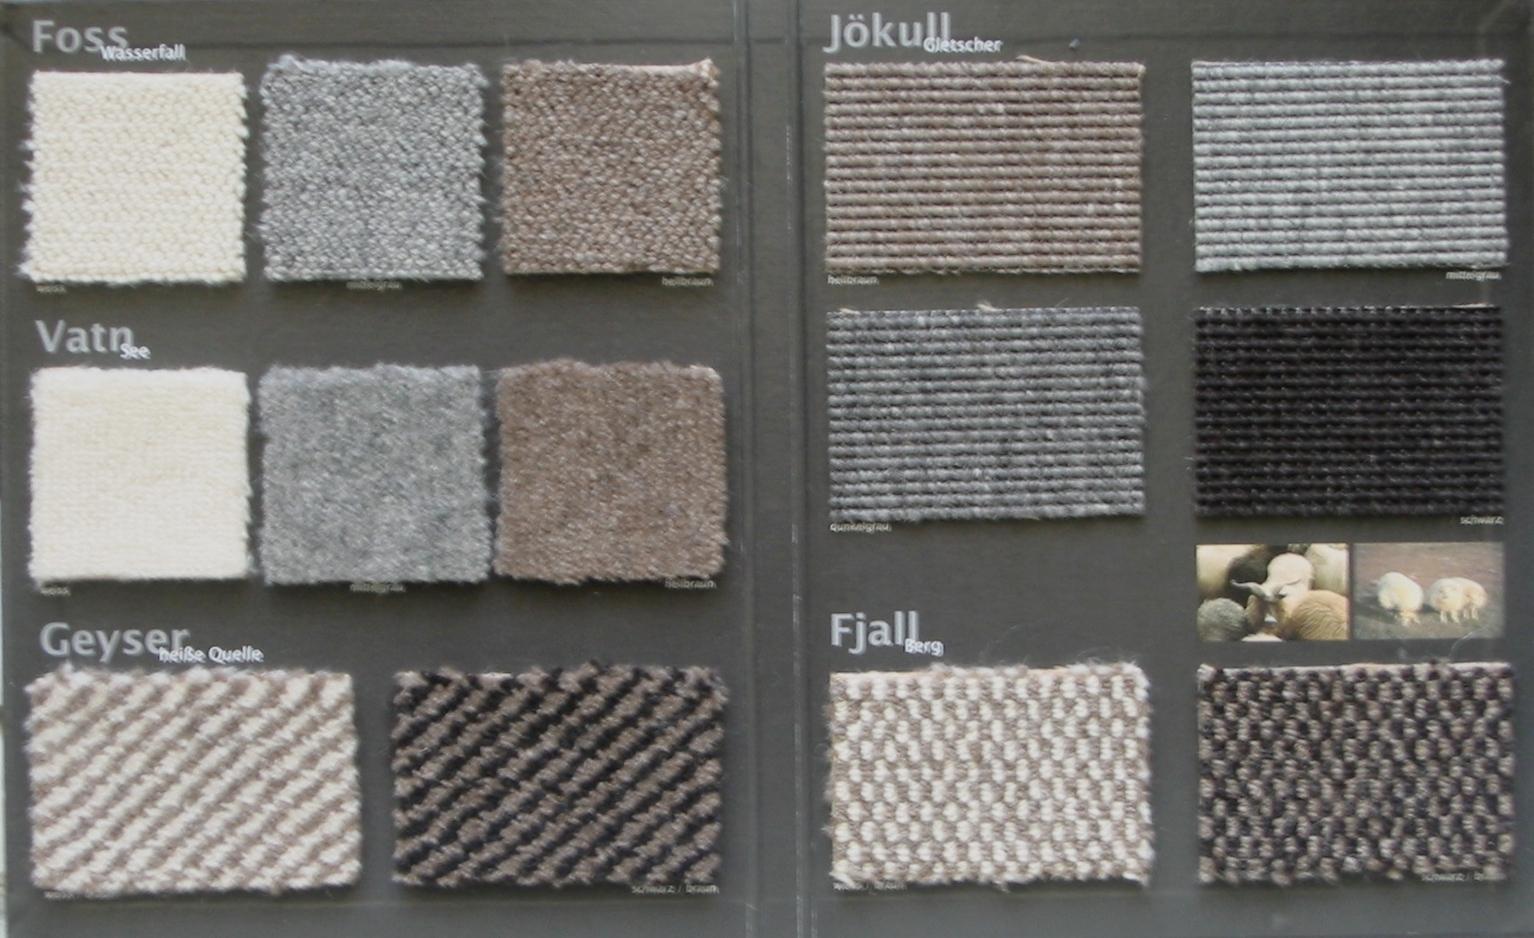 moquette en laine naturelle moquette en laine verte naturelle sur moquette avenue moquette. Black Bedroom Furniture Sets. Home Design Ideas